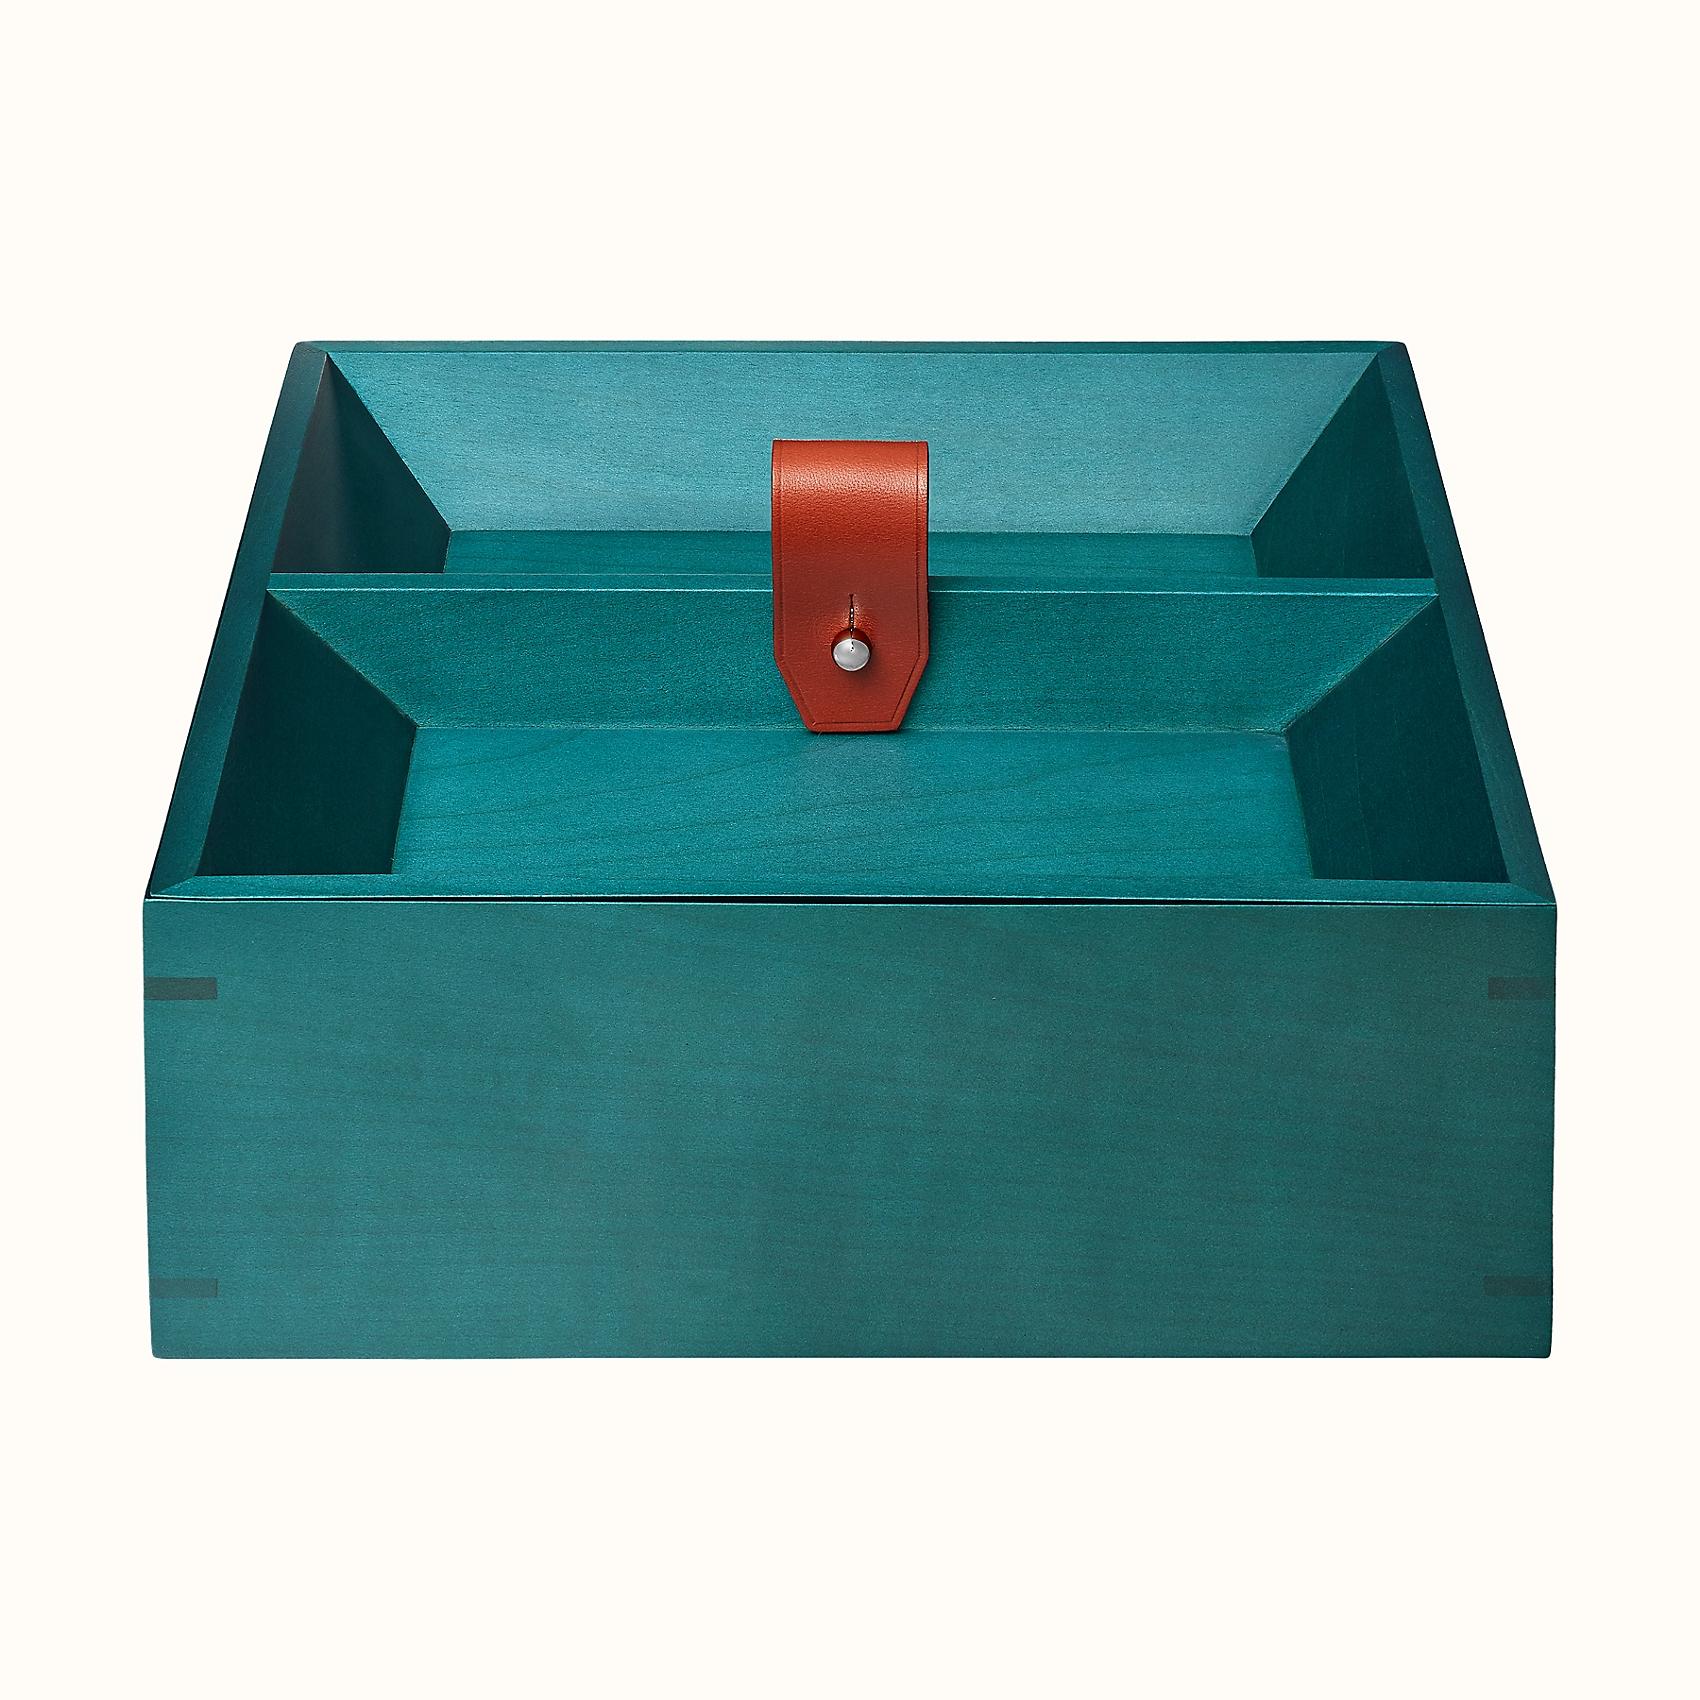 HERMES Tibi Square Box